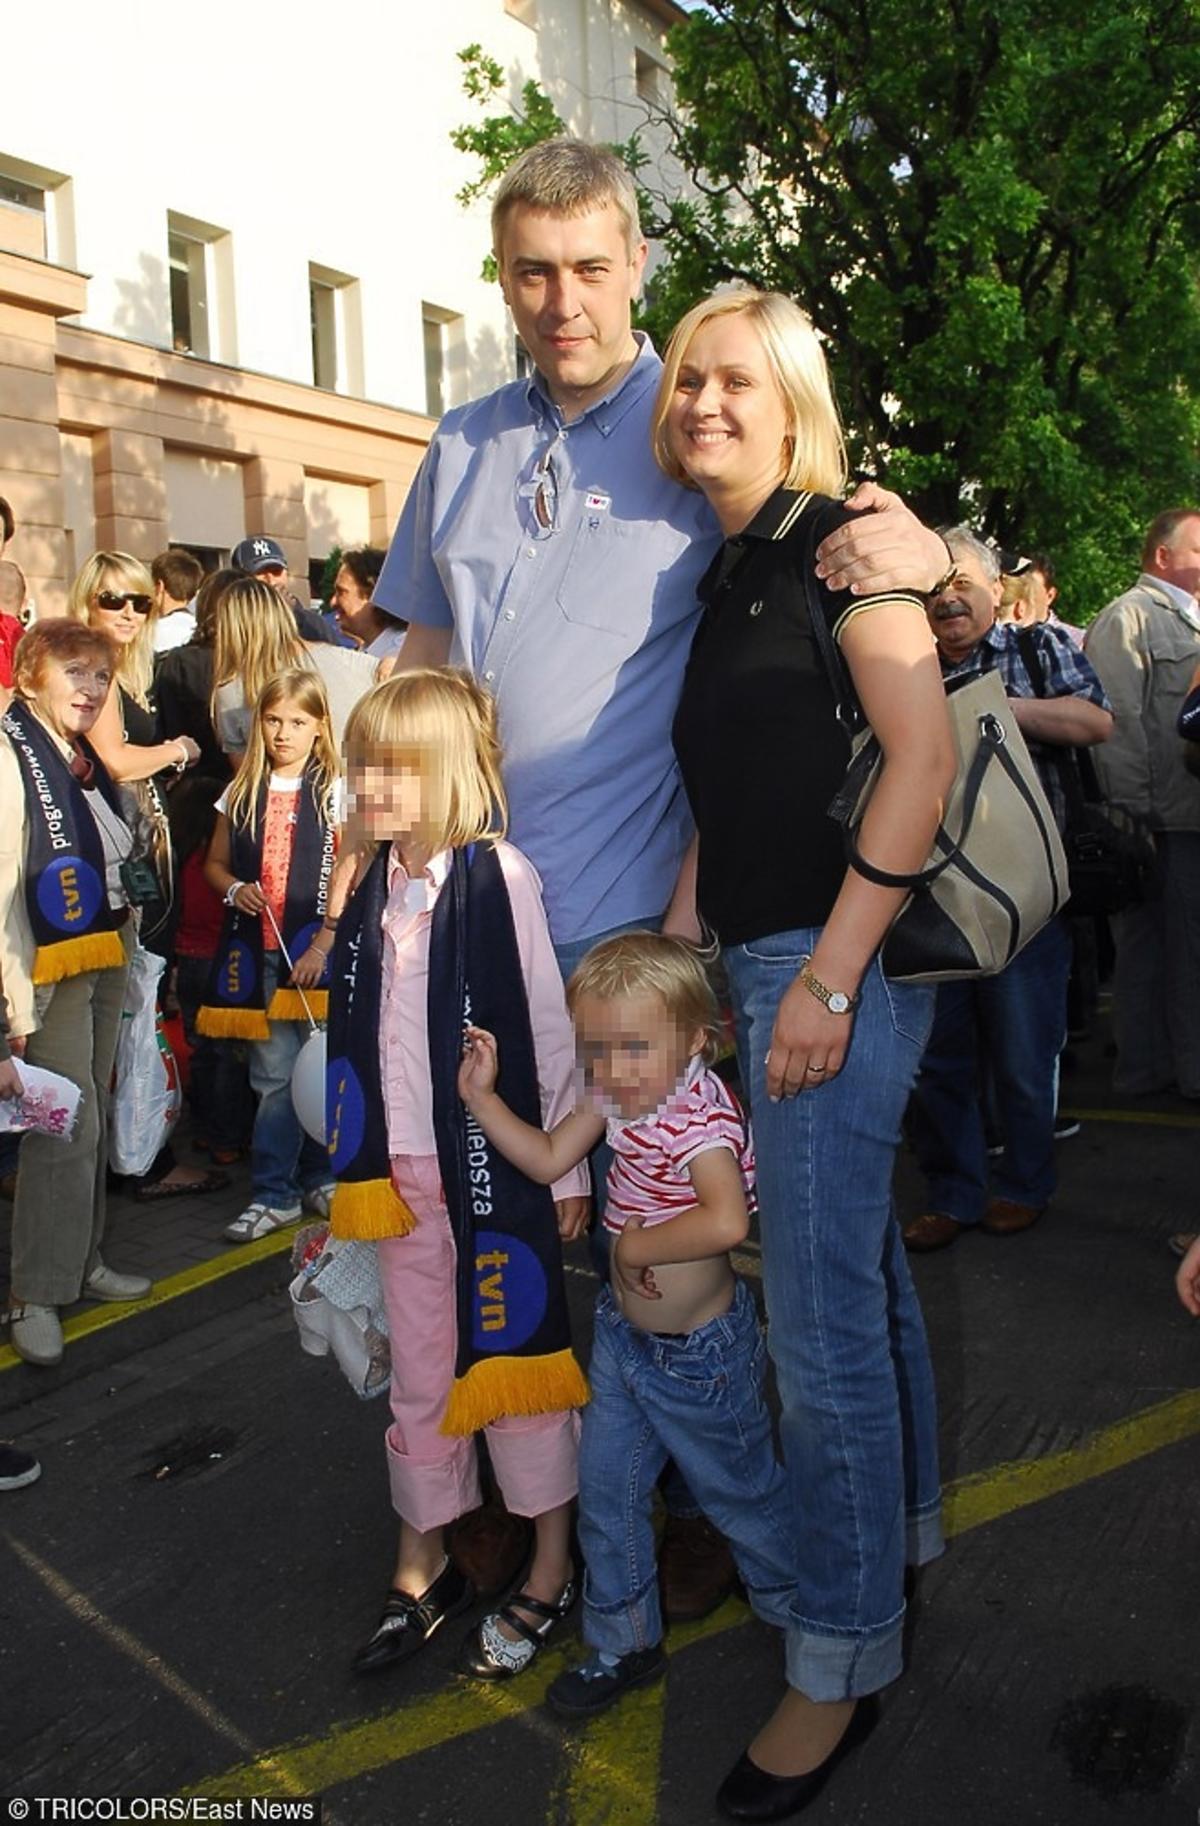 Roman Giertych w płaszczu z żoną Barbarą w letniej kwiecistej sukience z dziećmi na ulicy